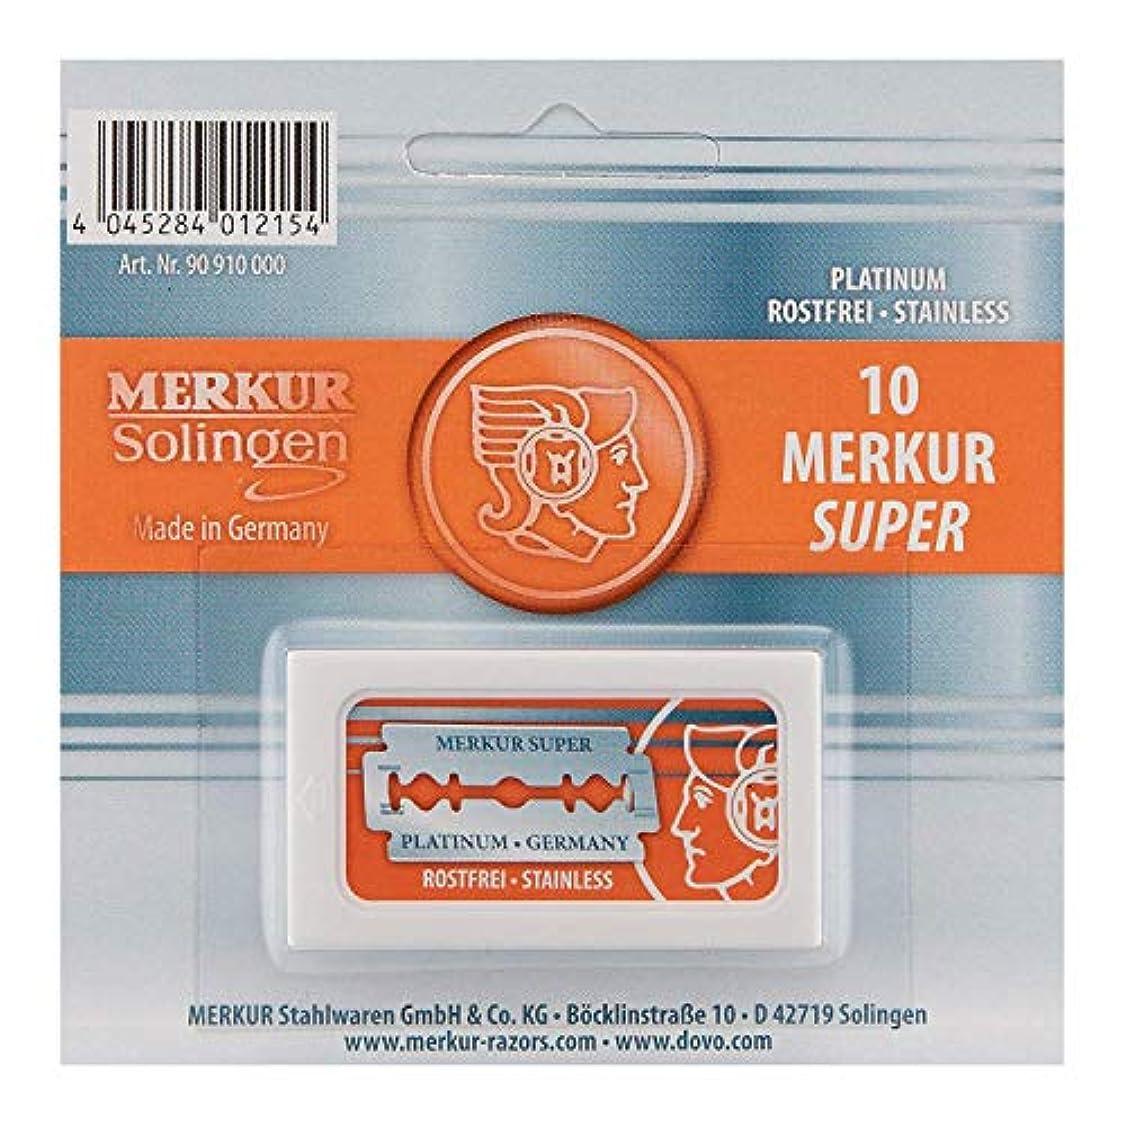 評価するパケット原因Merkur Stainless Platinum Safety Razor Blades 10 Pack